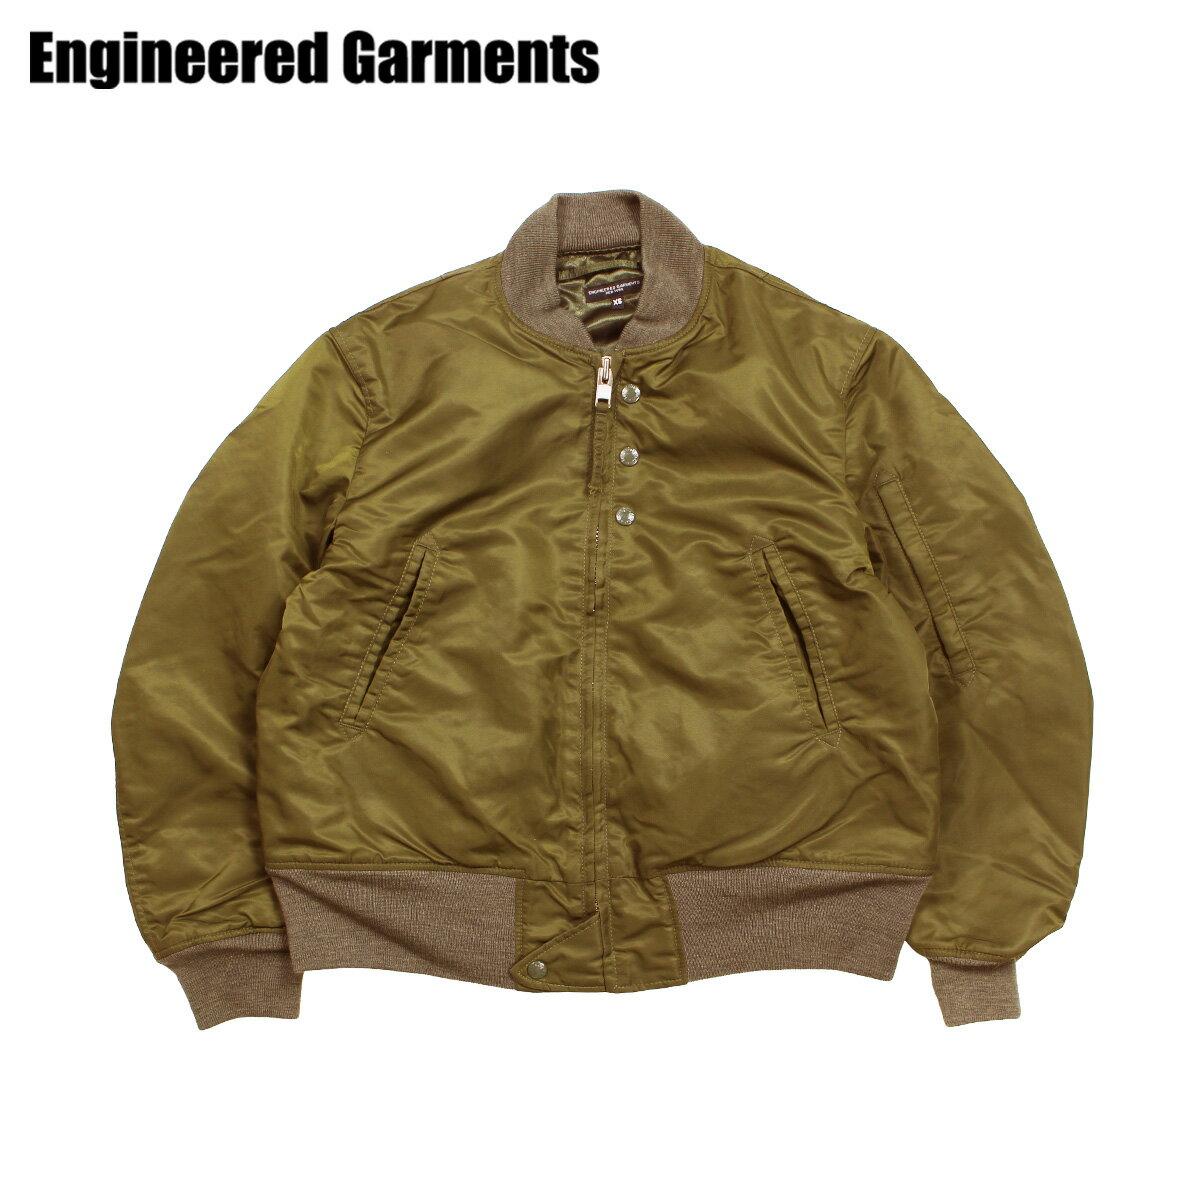 ENGINEERED GARMENTS エンジニアドガーメンツ ジャケット メンズ MA1 フライトジャケット AVIATOR JACKET オリーブ F8D1184